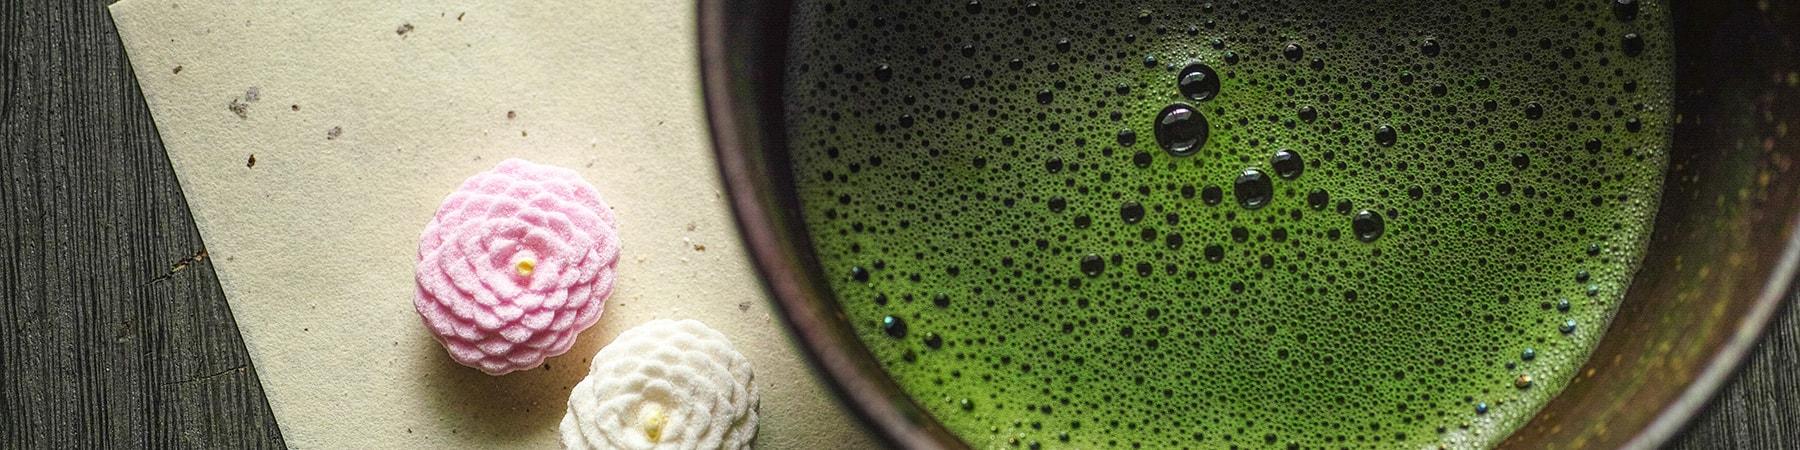 本生活環境支援協会 | 茶道アドバイザー